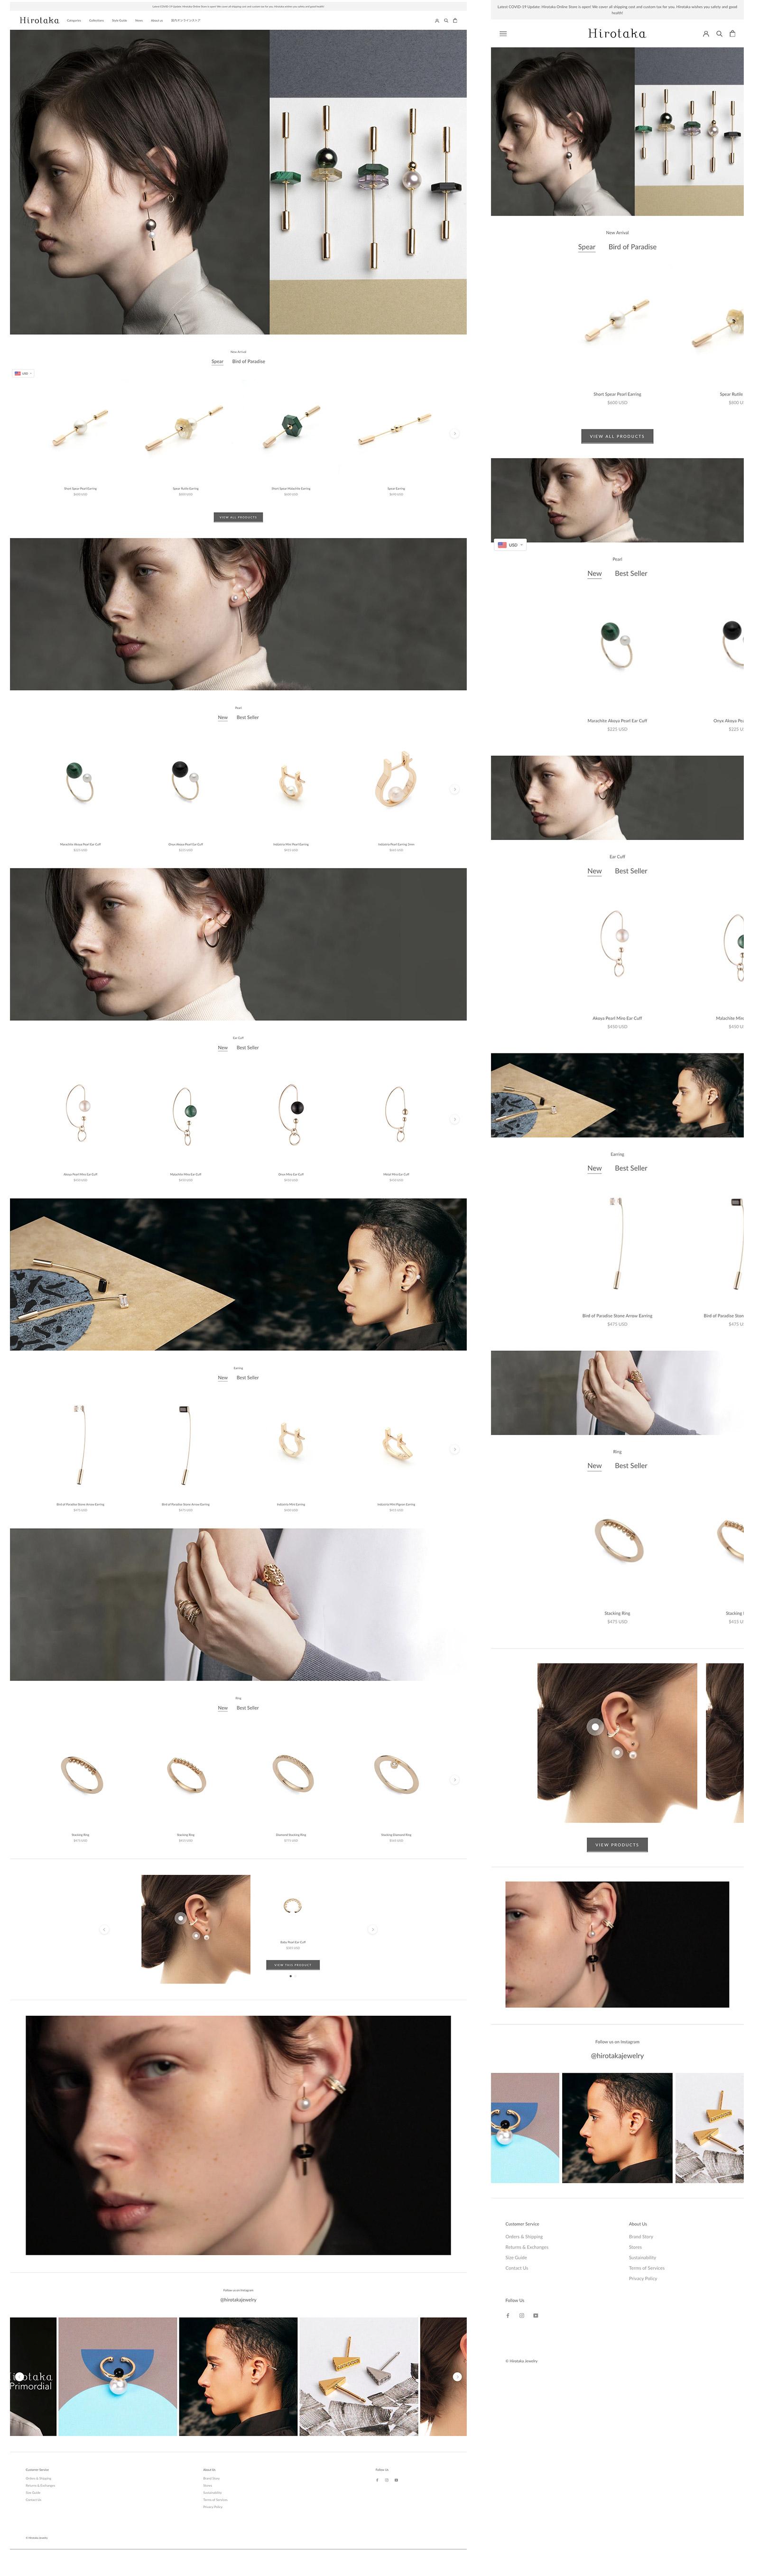 http://artpeace.jp/wp-content/uploads/2020/04/hirotaka_1.png